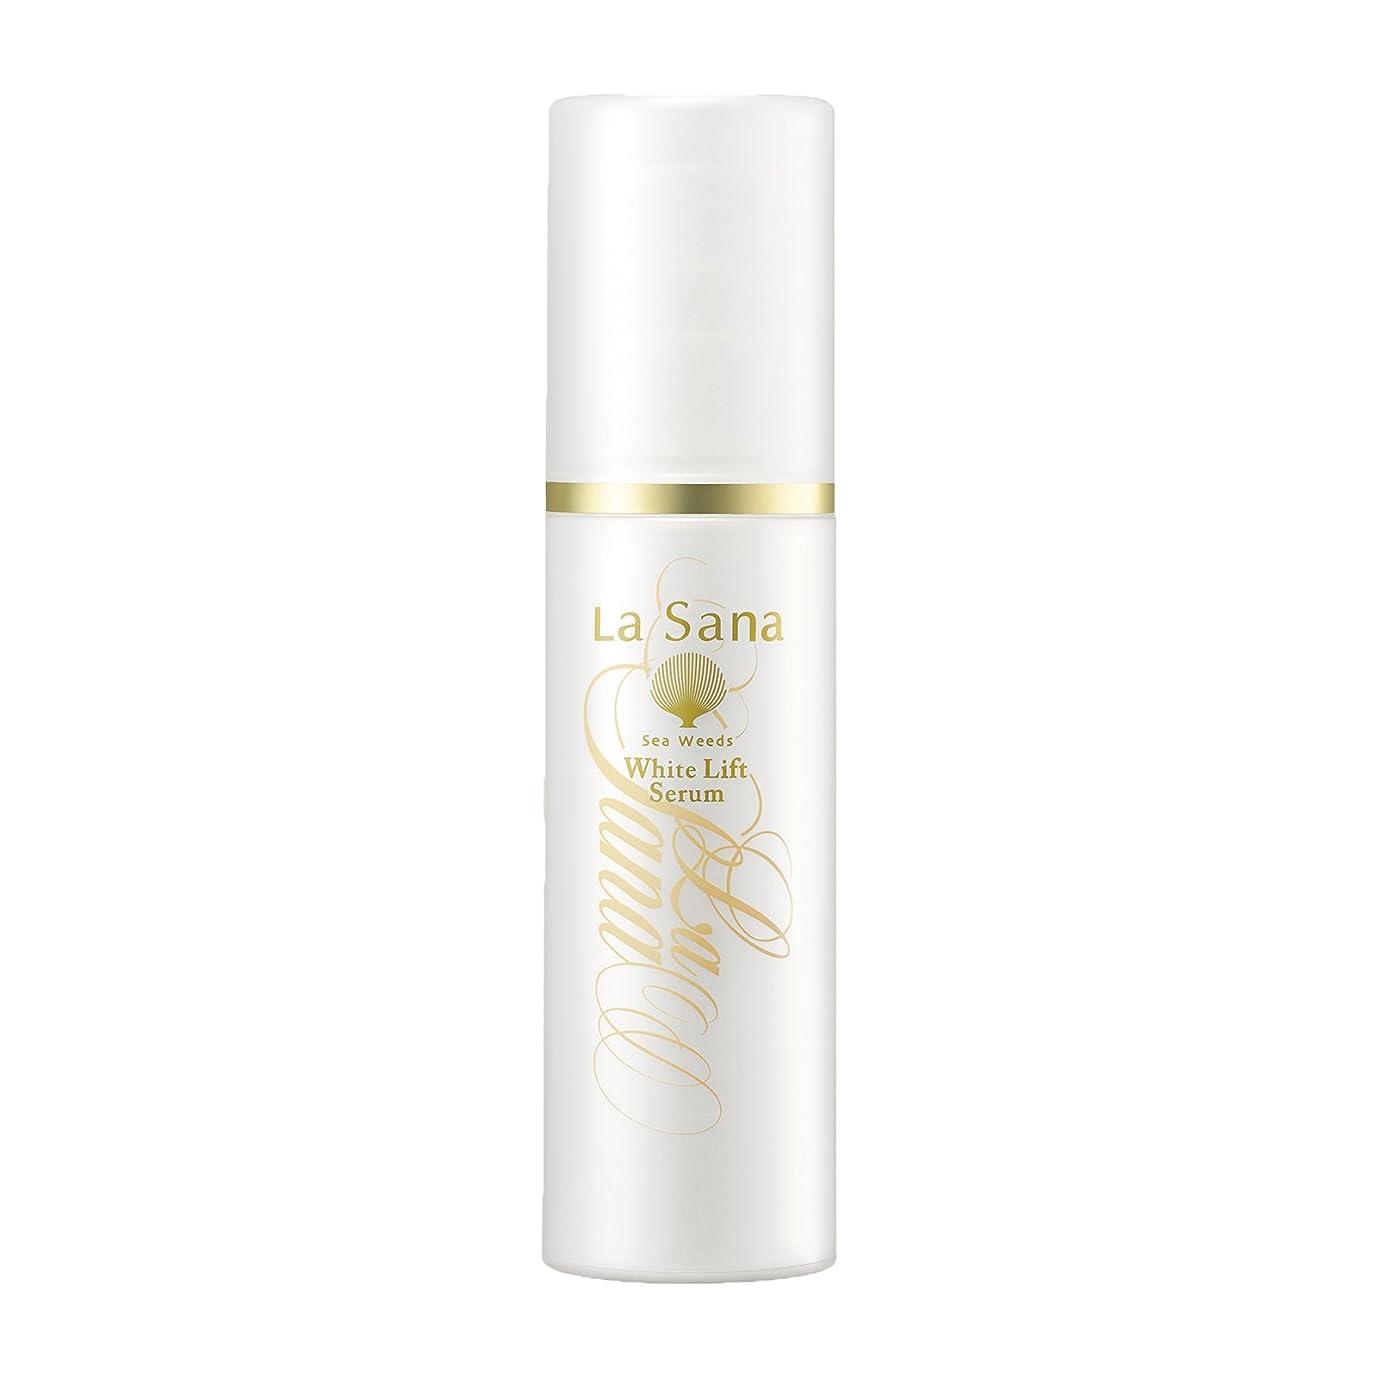 どこにも素晴らしいですあたたかいラサーナ La sana ホワイトリフト 美容液 50ml (医薬部外品) 透明感 美白 (シミ ? そばかす 対策) ハリを与える エイジングケア